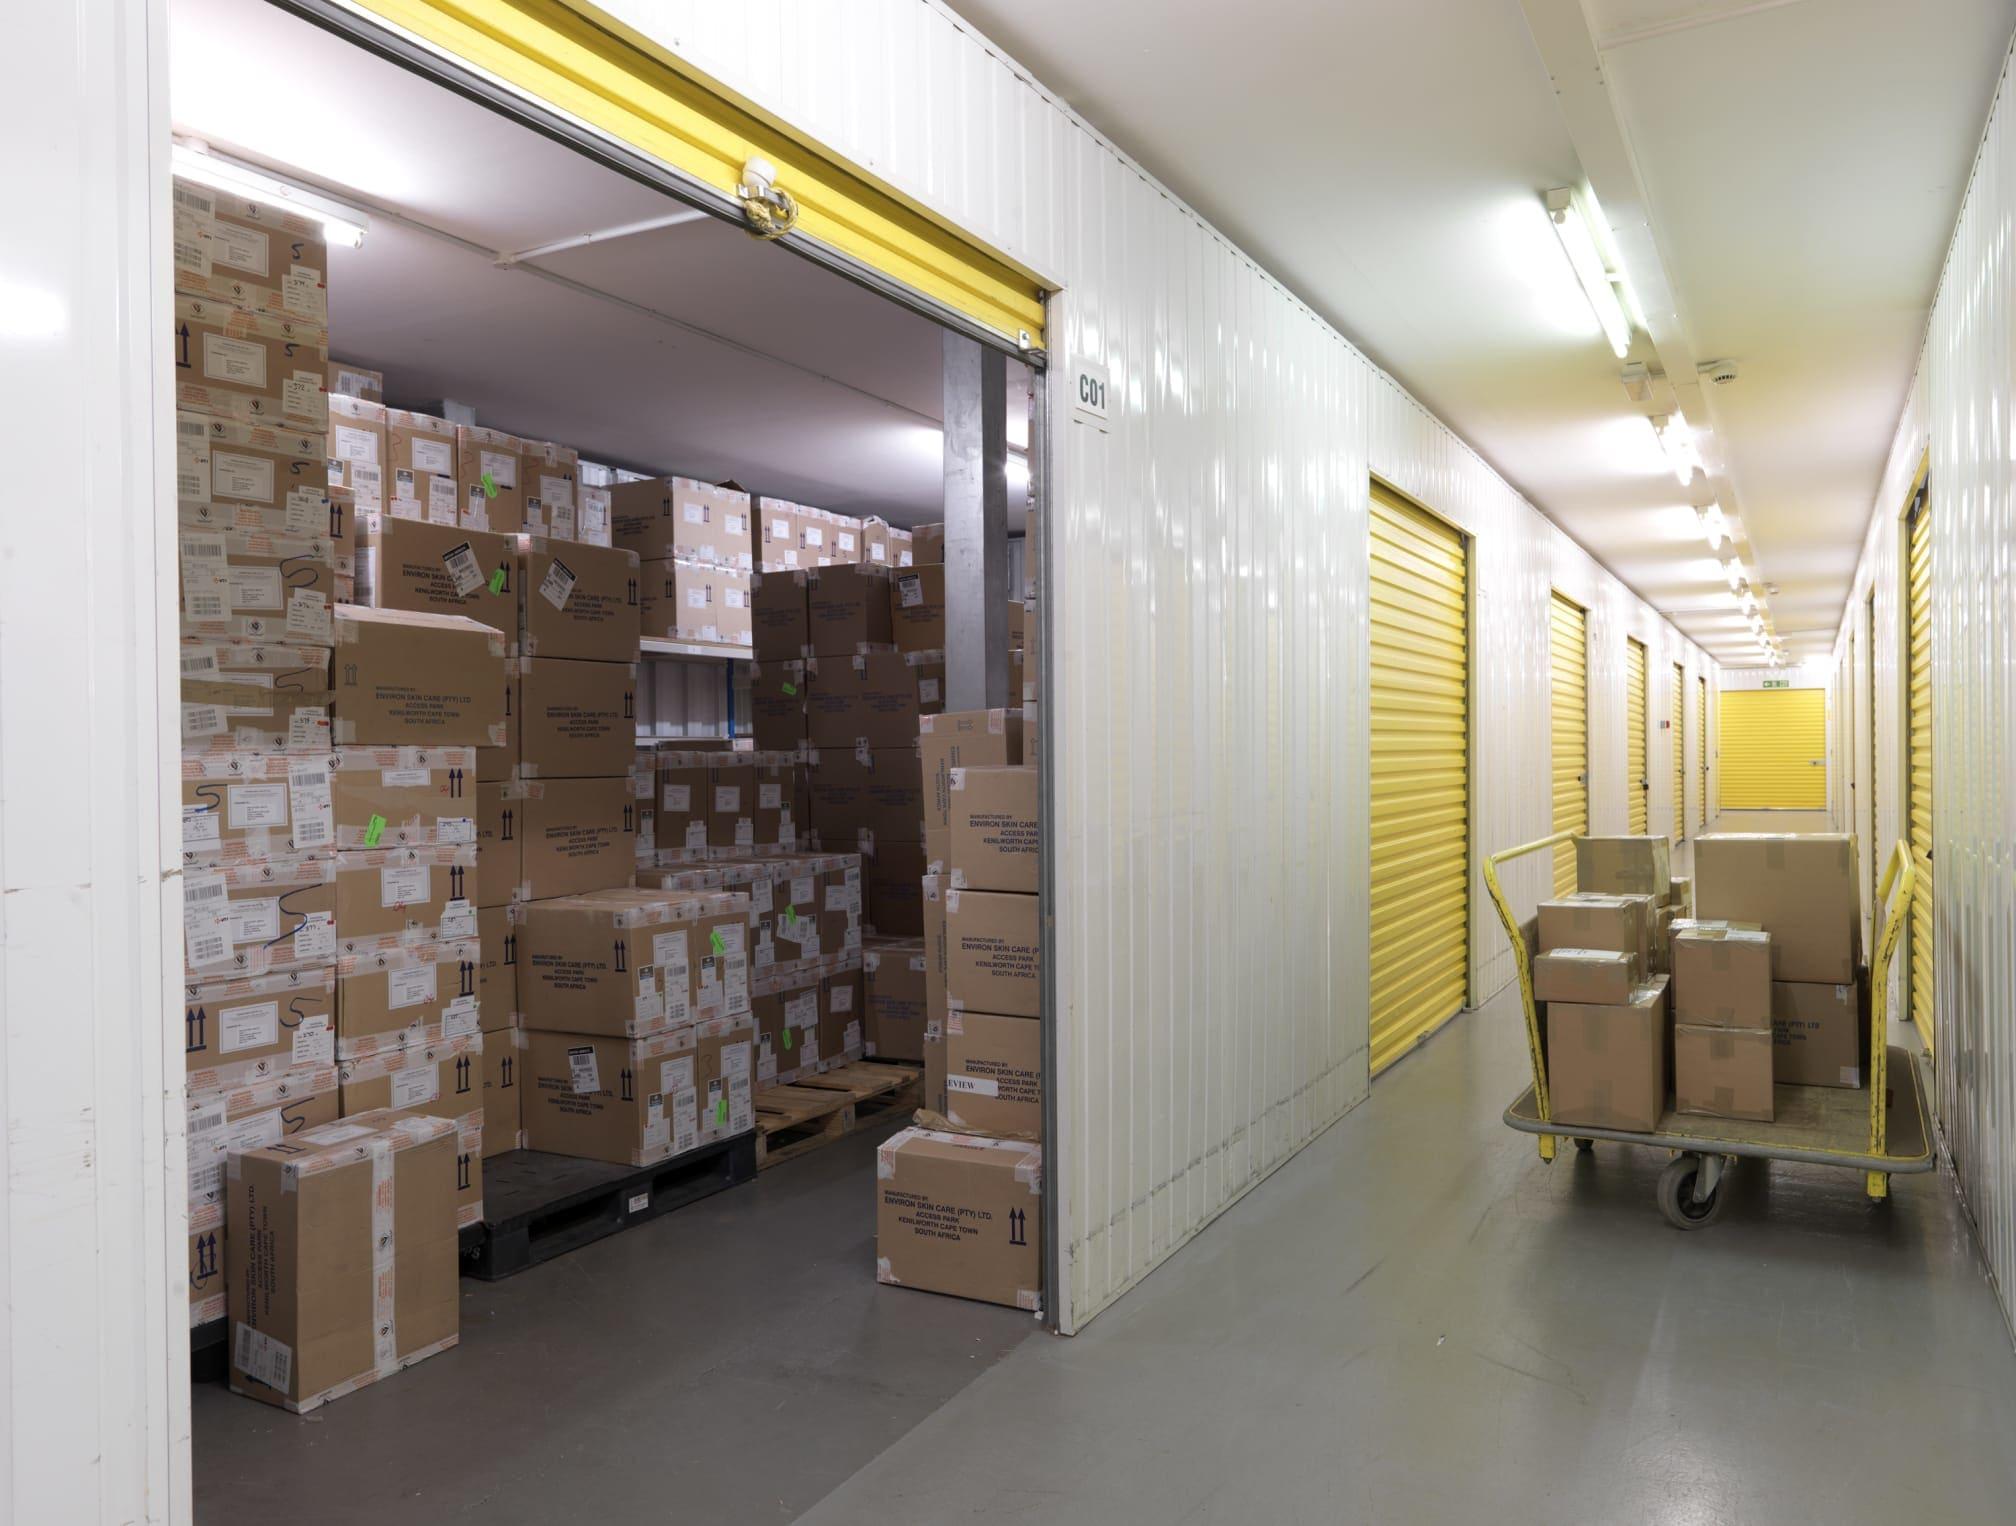 Big Yellow Self Storage Finchley East | 401 High Road, London, Finchley N2 8HS | +44 20 8346 3305